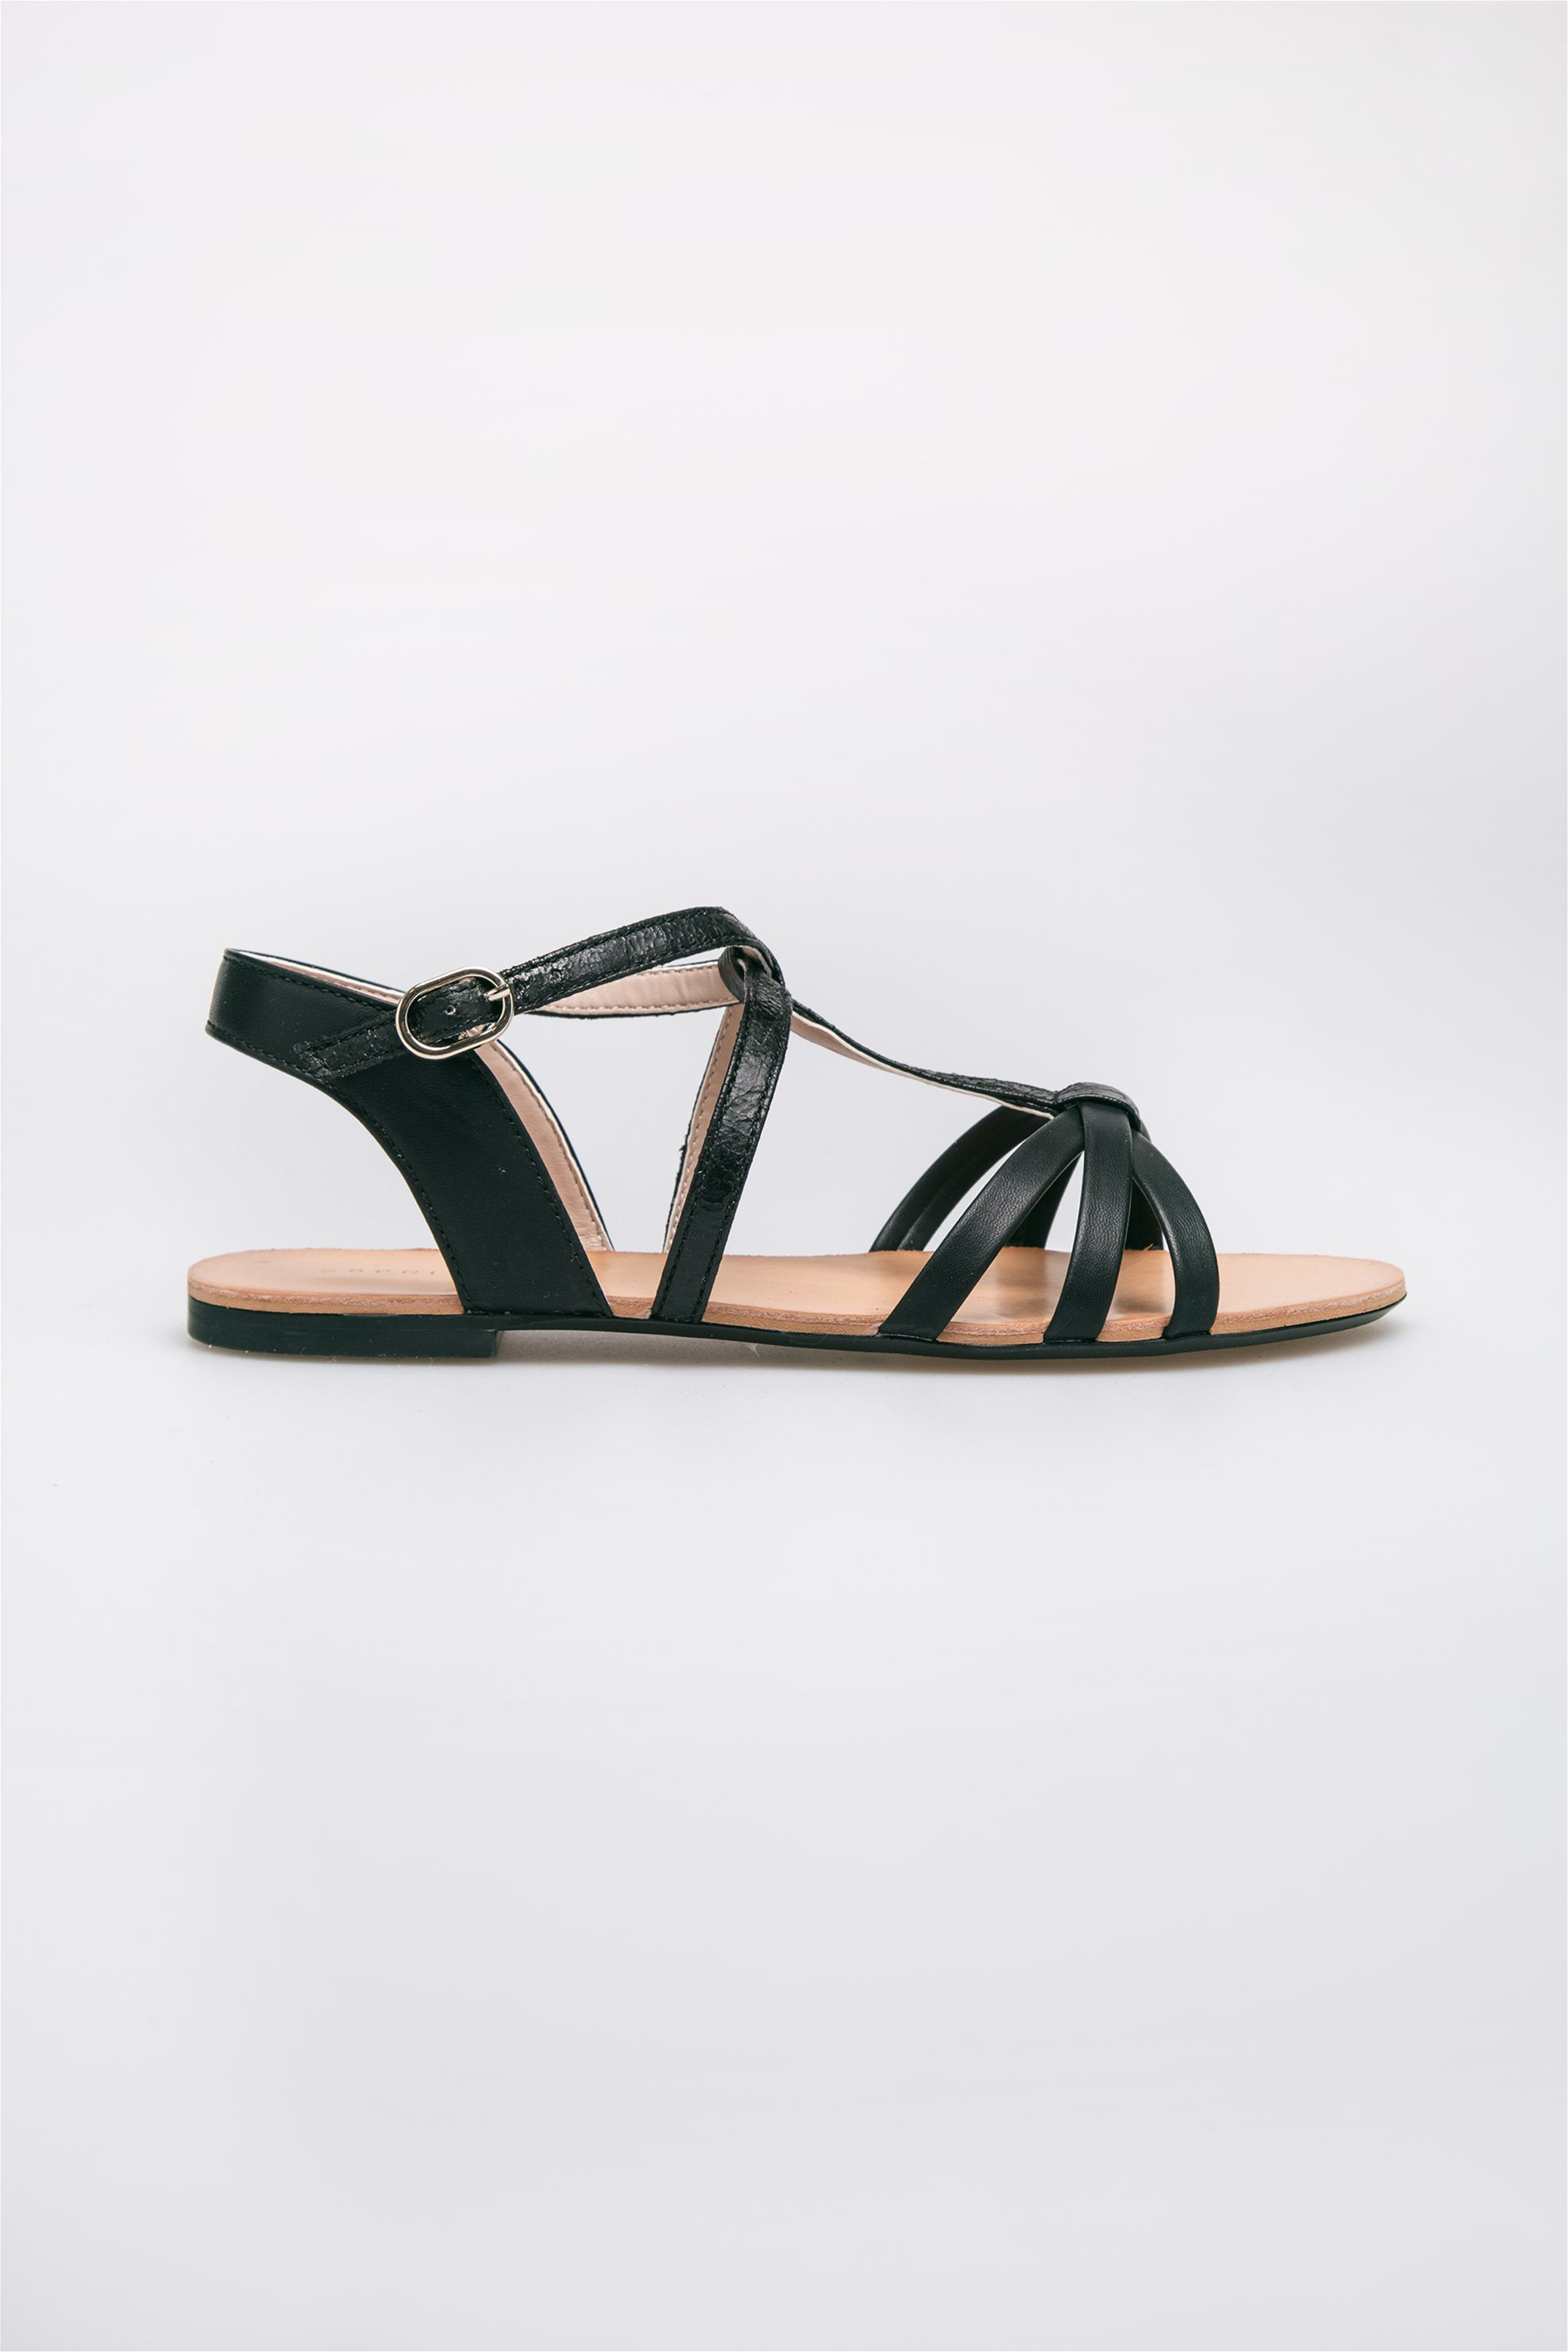 Γυναικεία παπούτσια Esprit - 047EK1W004 - Μαύρο